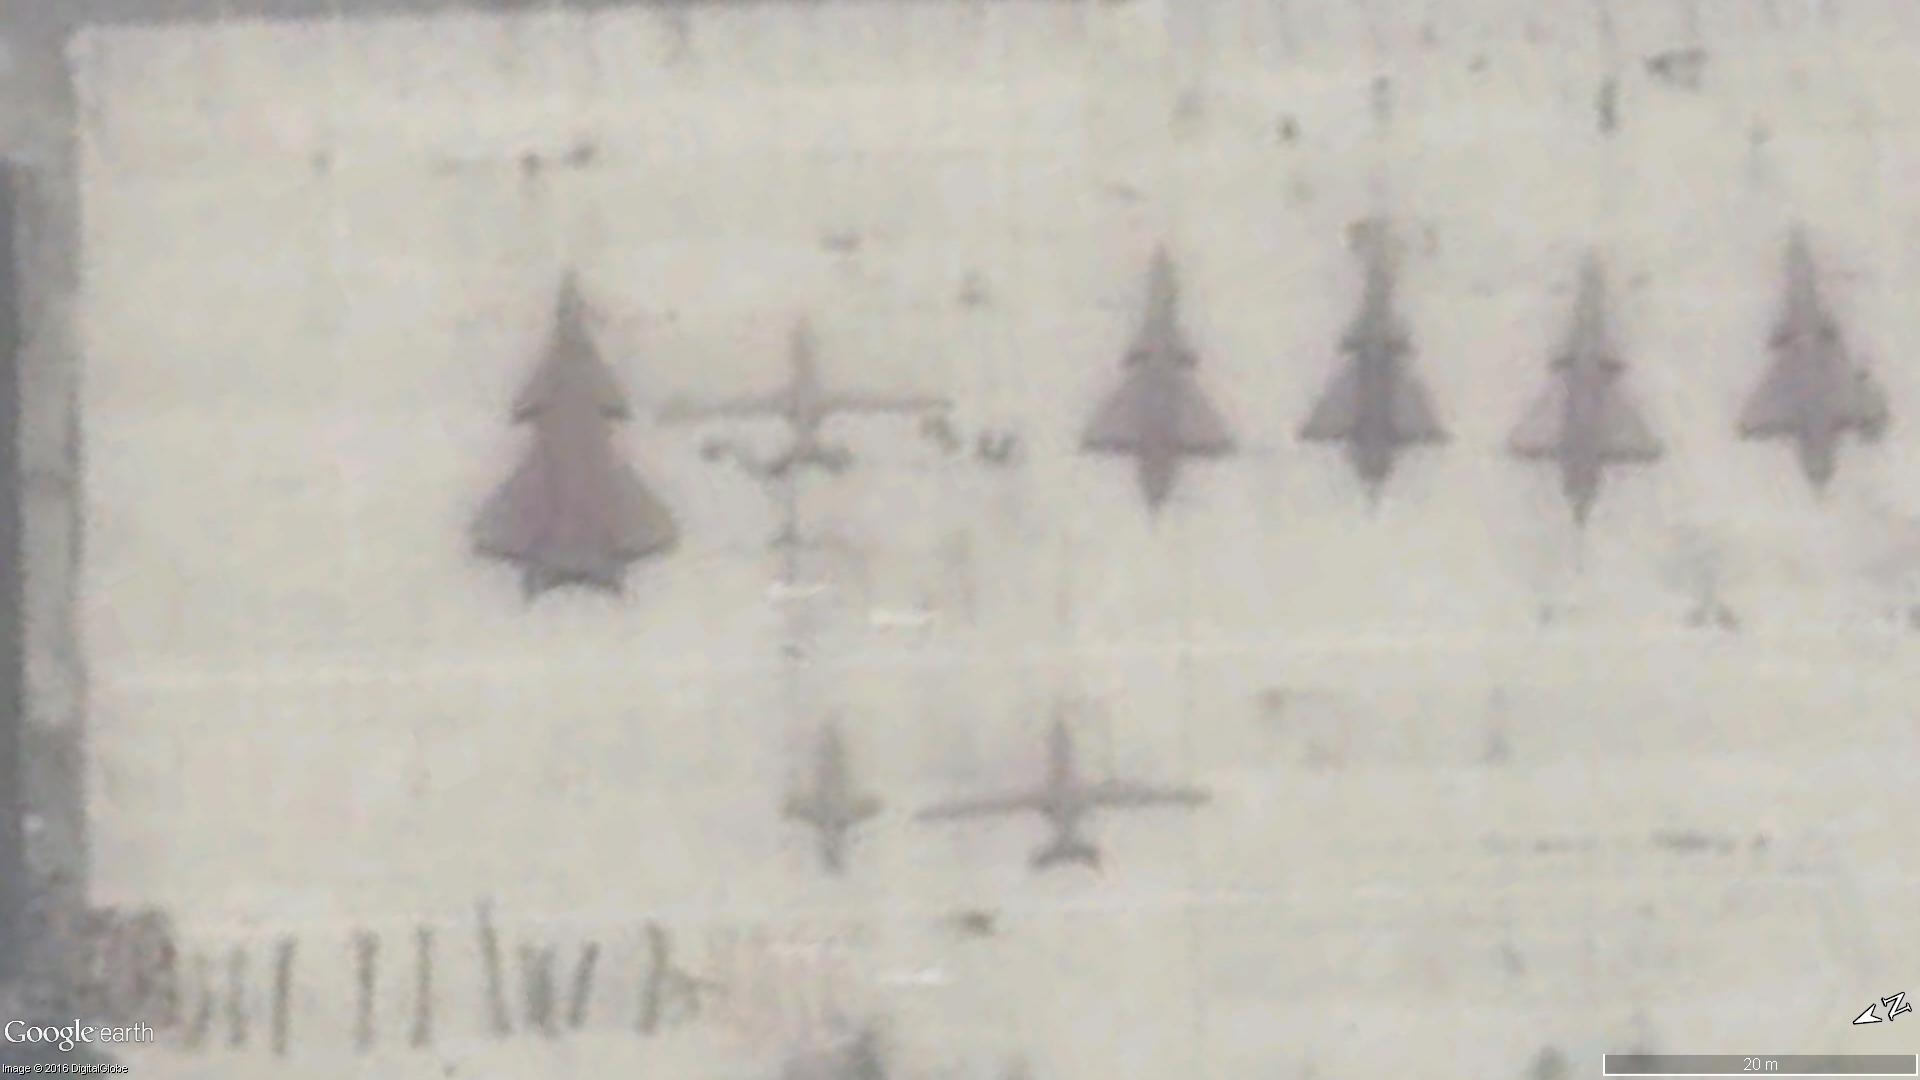 Un drone non identifié sur le tarmarc de l'Usine 132 à Chengdu le 25 Juillet 2015